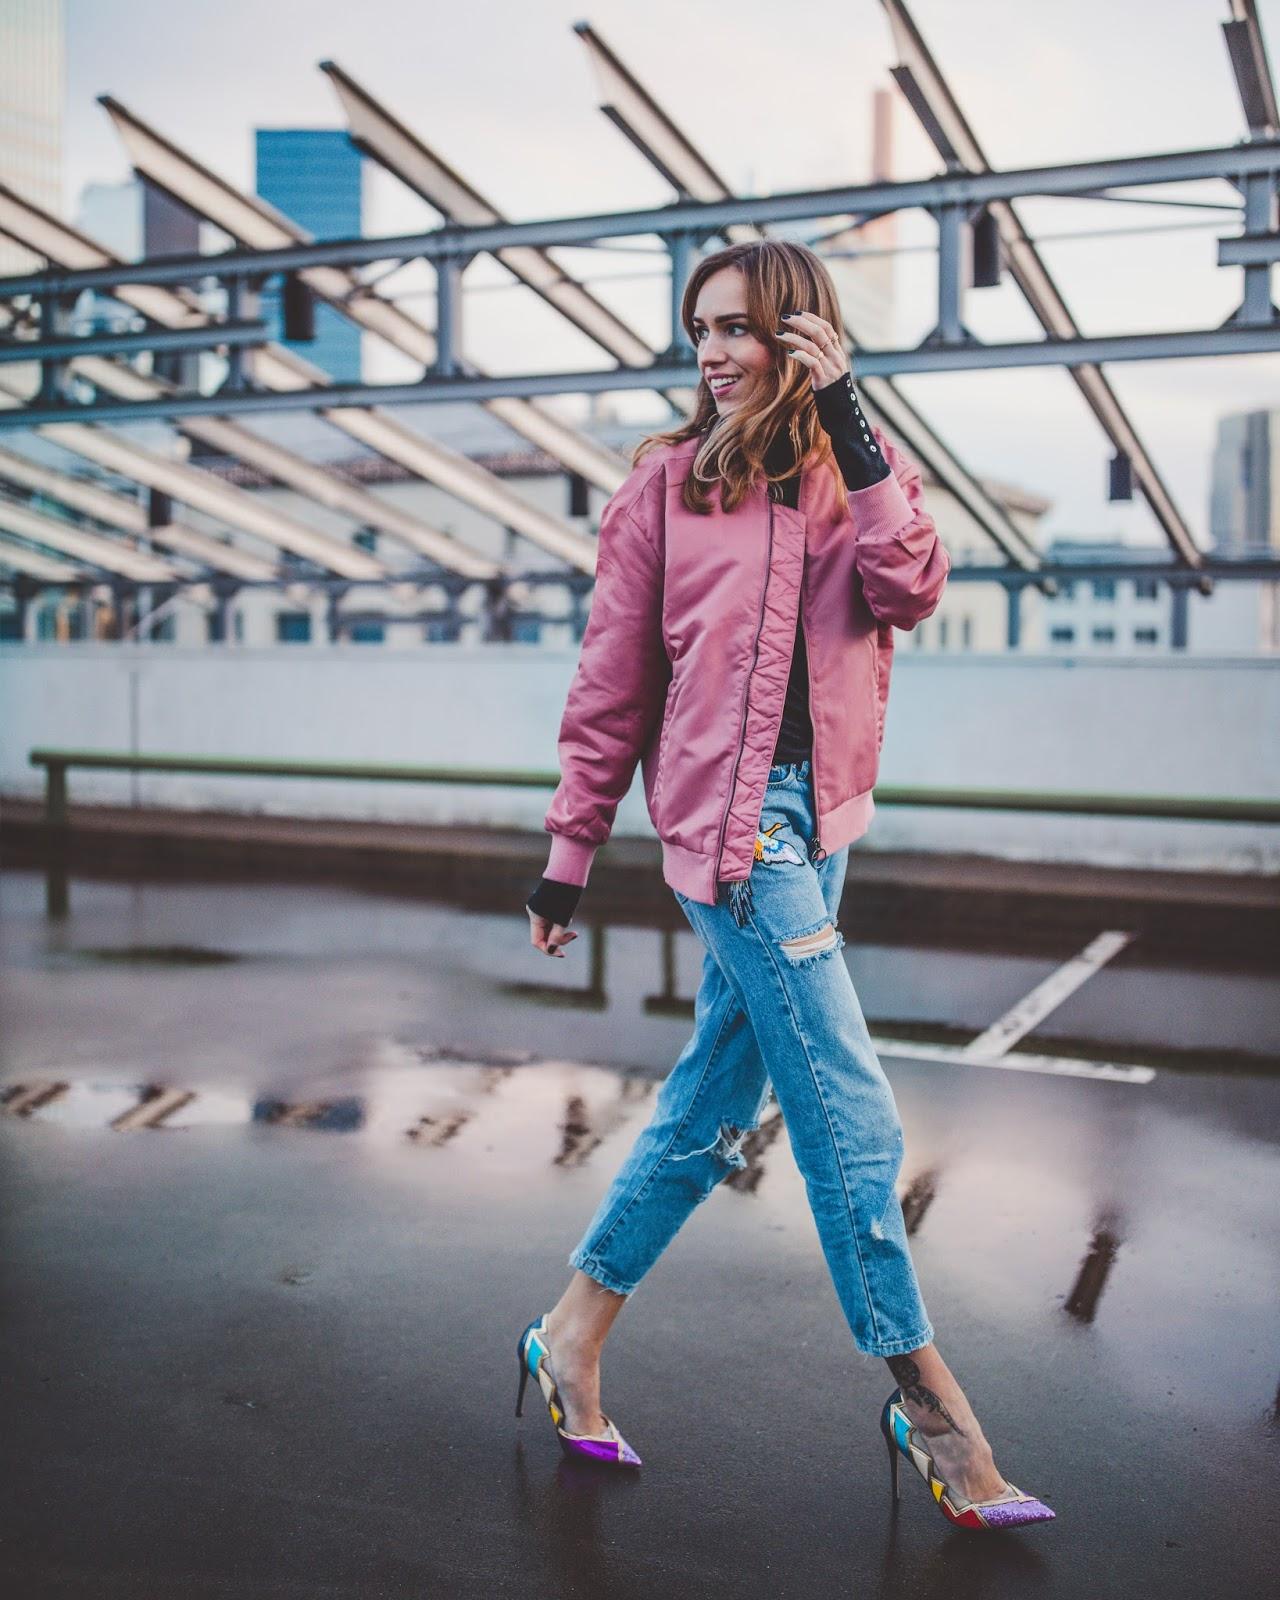 bomber jacket pumps boyfriend jeans street style